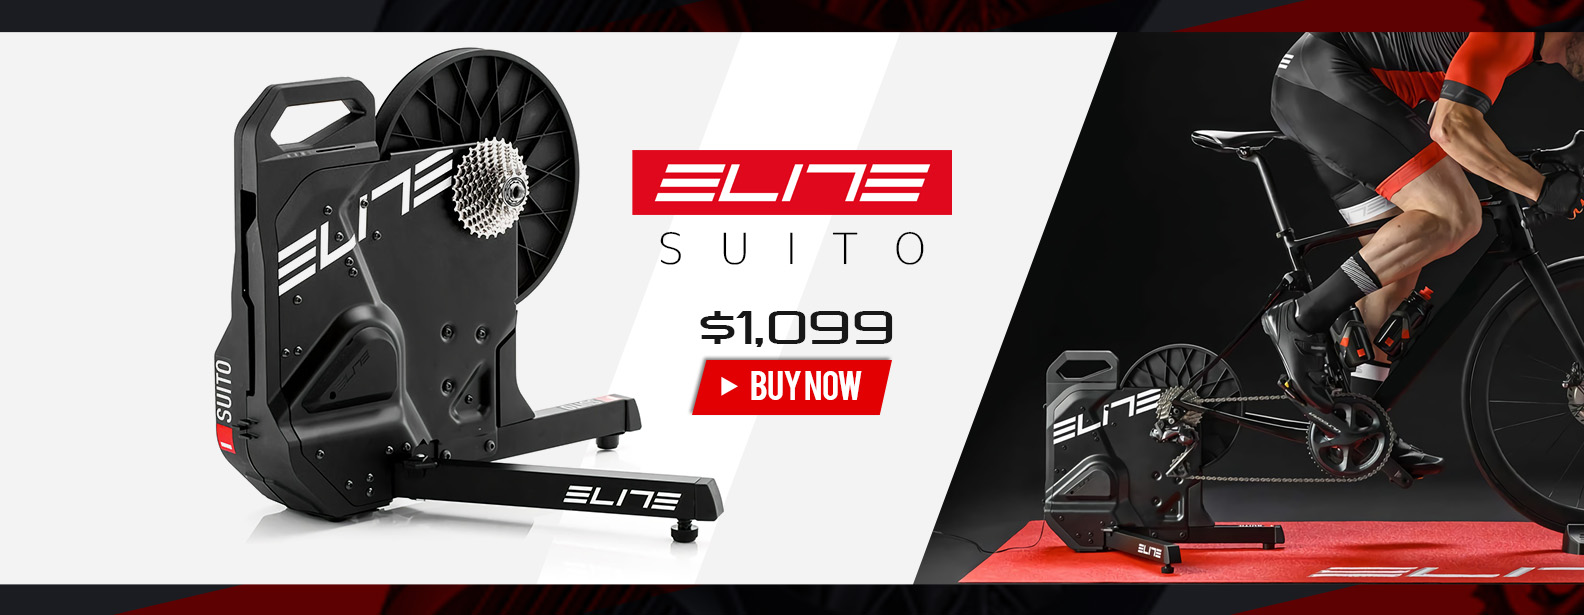 Elite Suito Bike Trainer with Riser Block